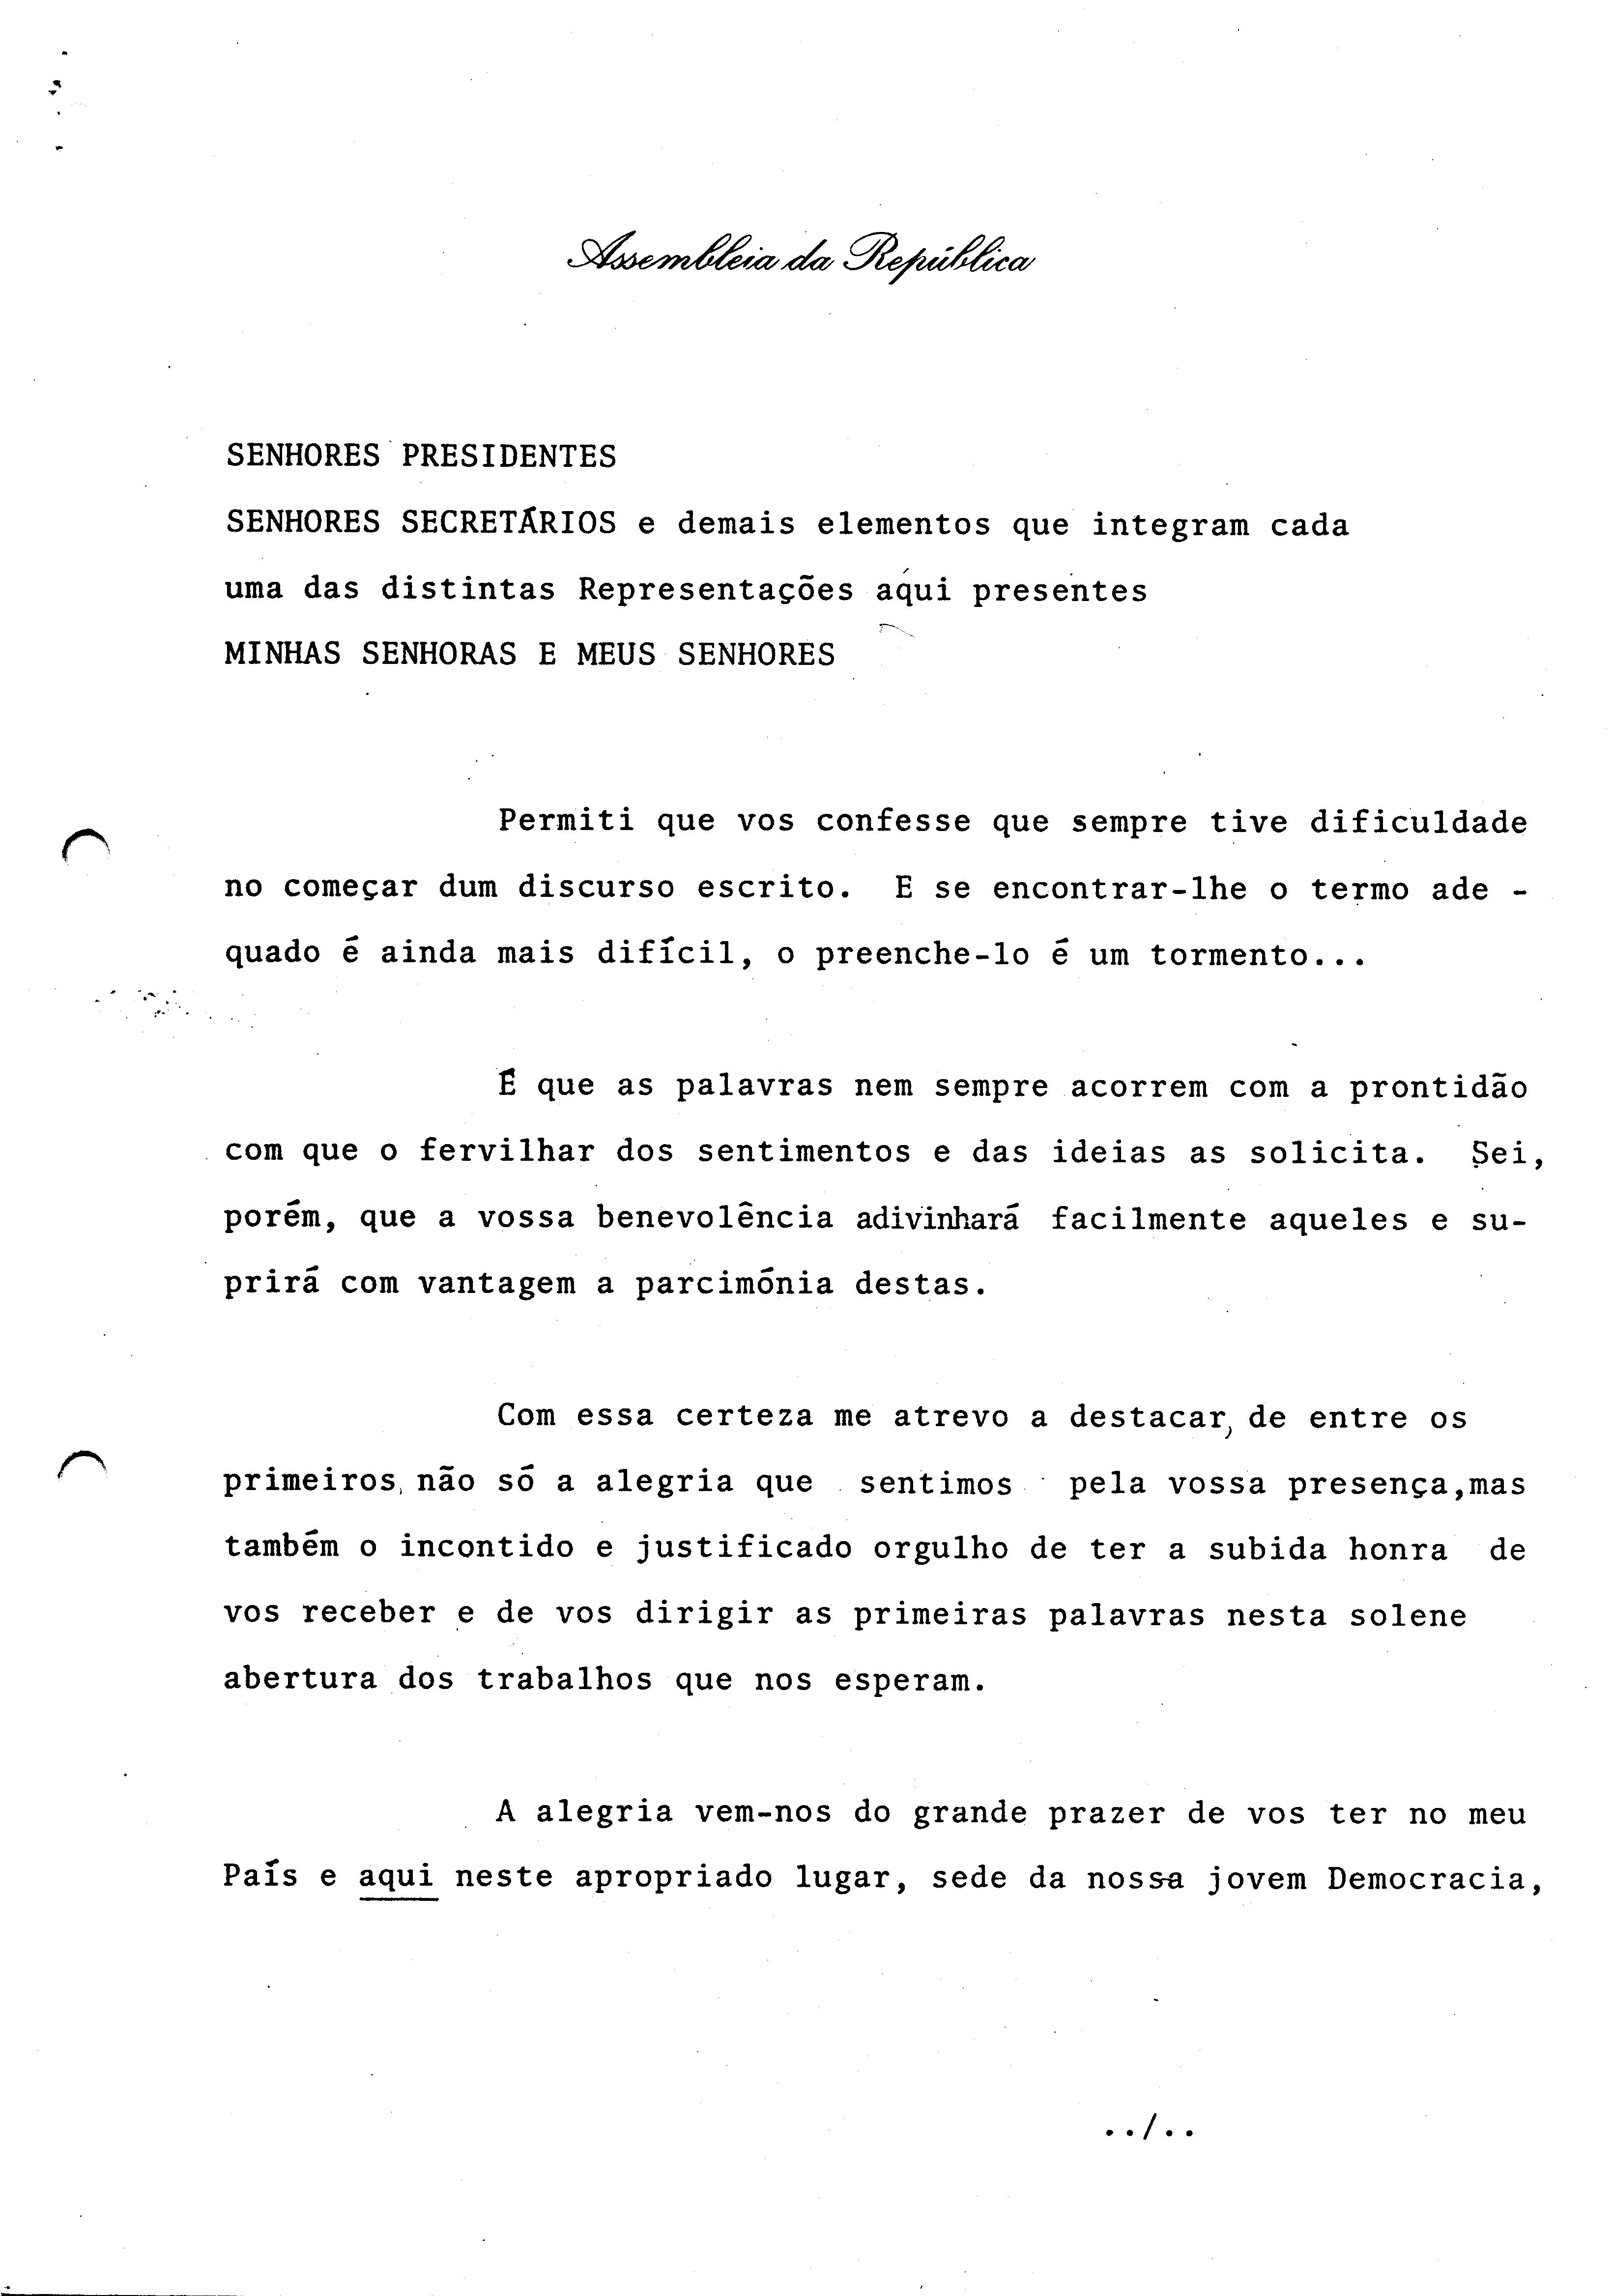 00406.004- pag.1